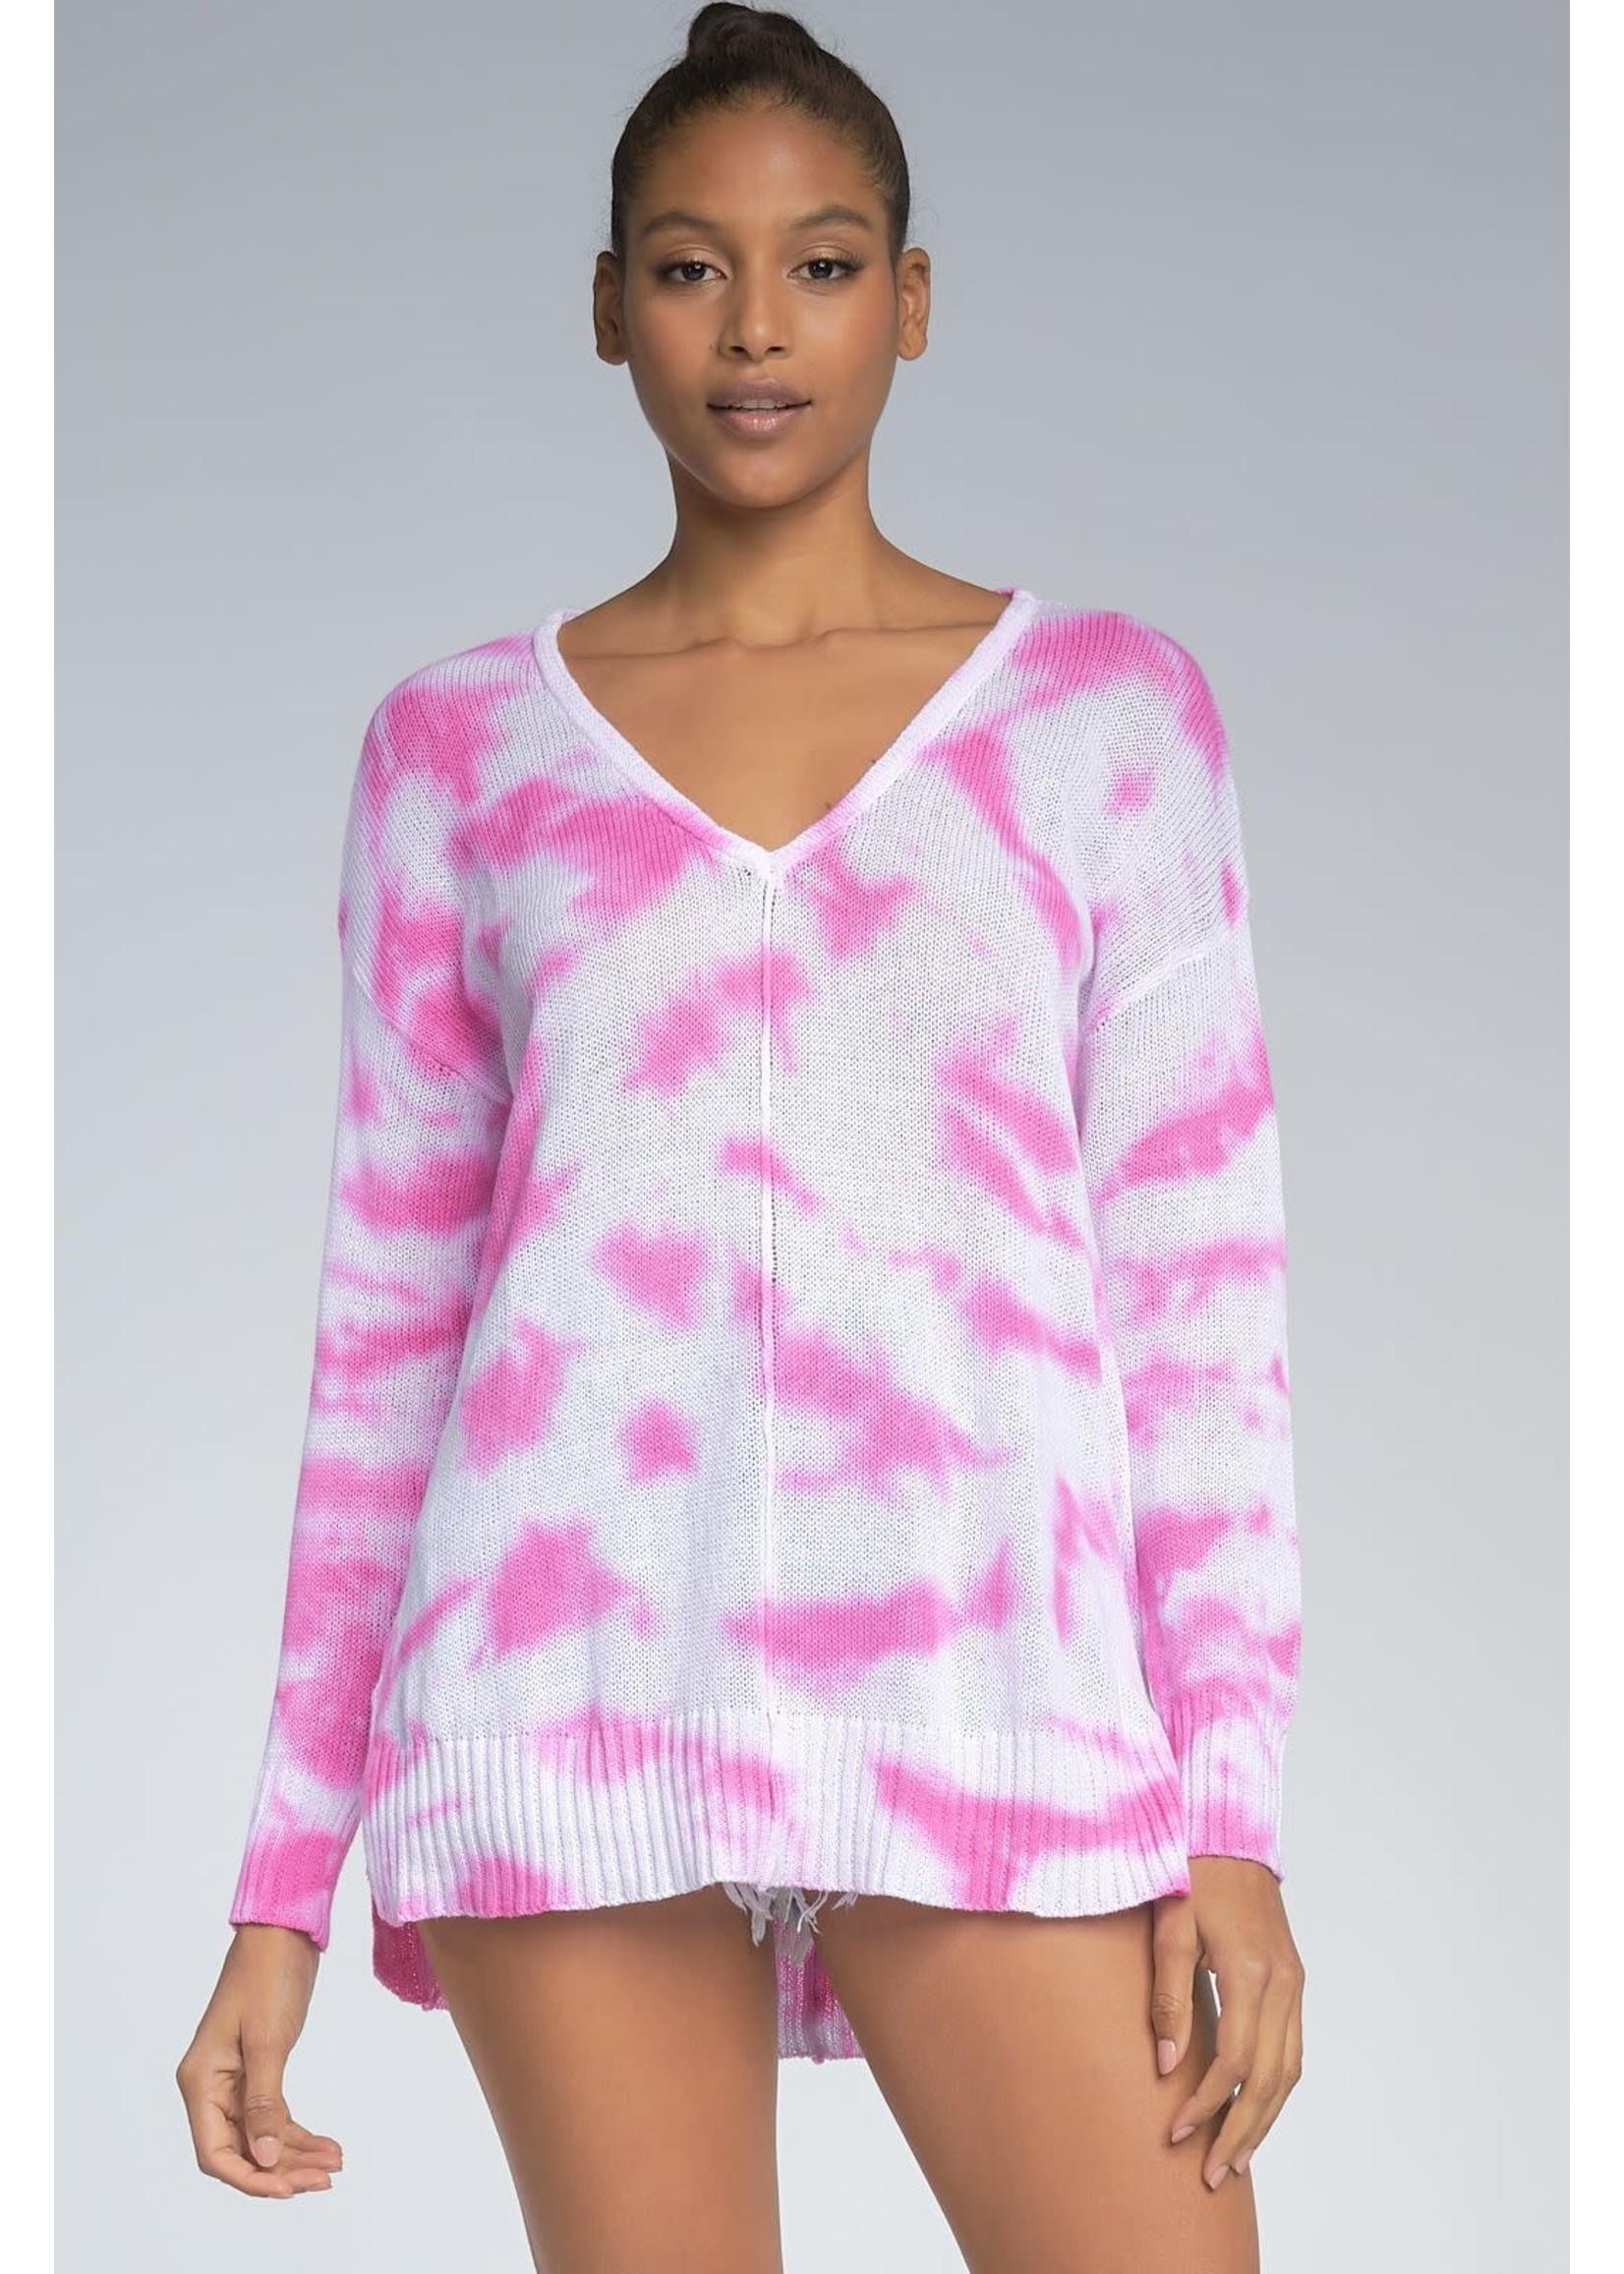 Elan Pink Tie Dye Sweater